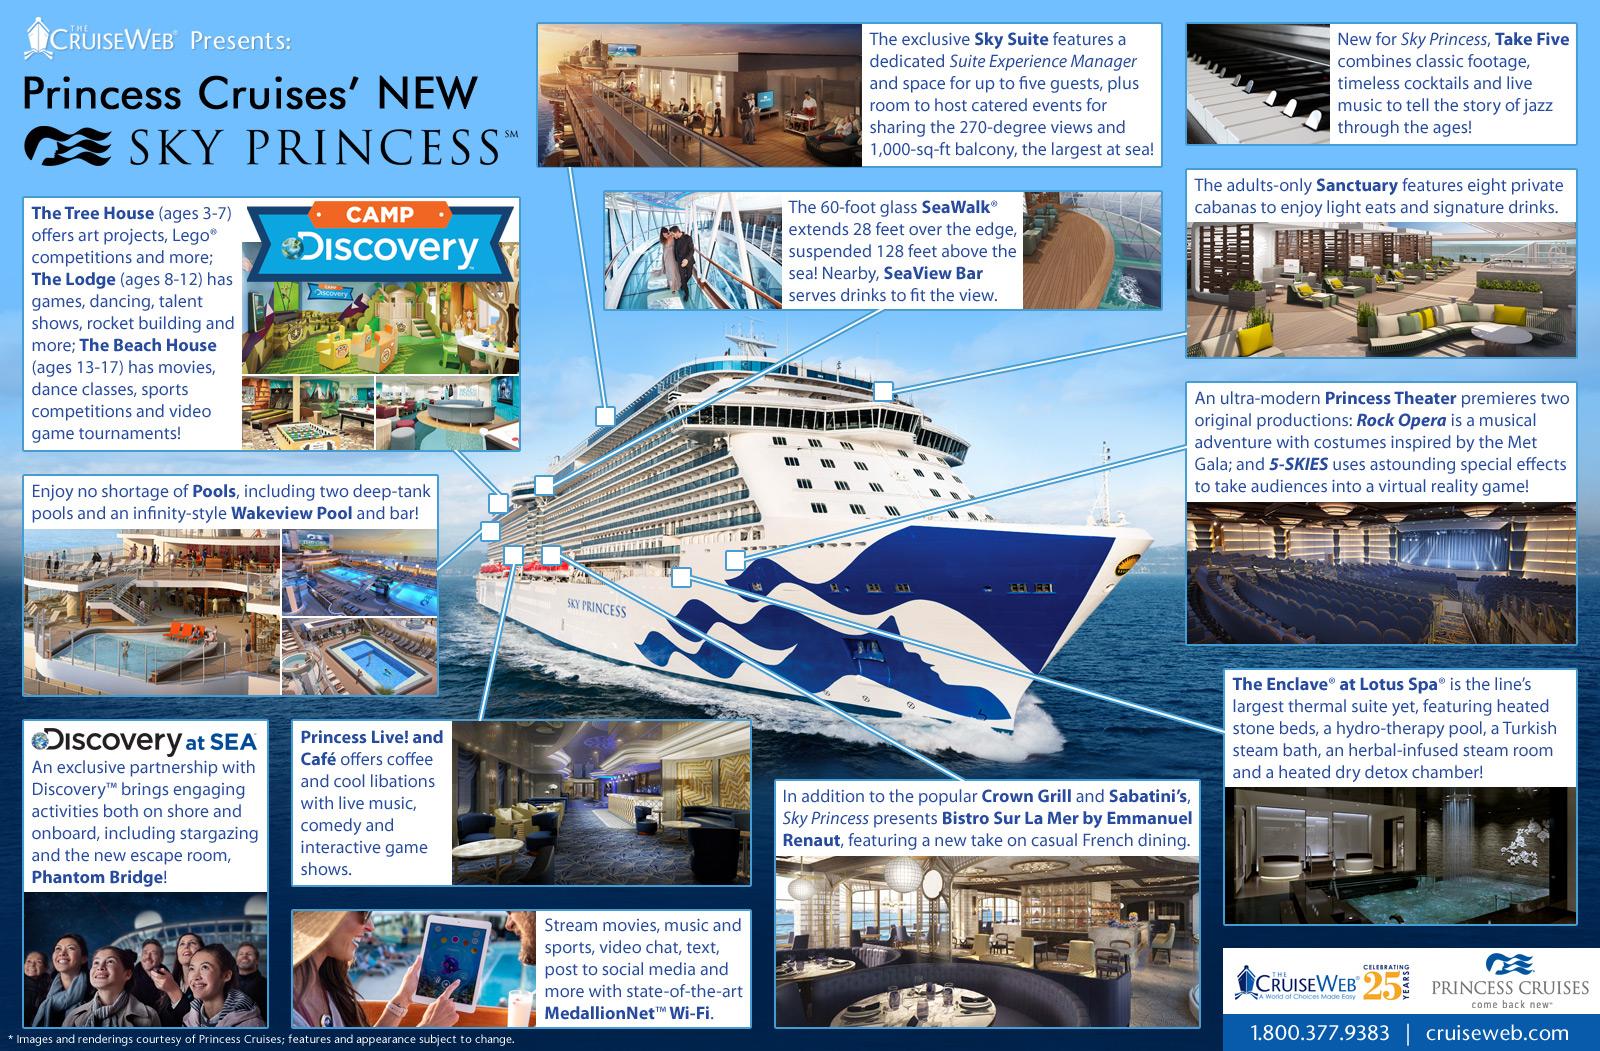 Sky Princess Cruise Ship 2021 2022 And 2023 Sky Princess Destinations Deals The Cruise Web